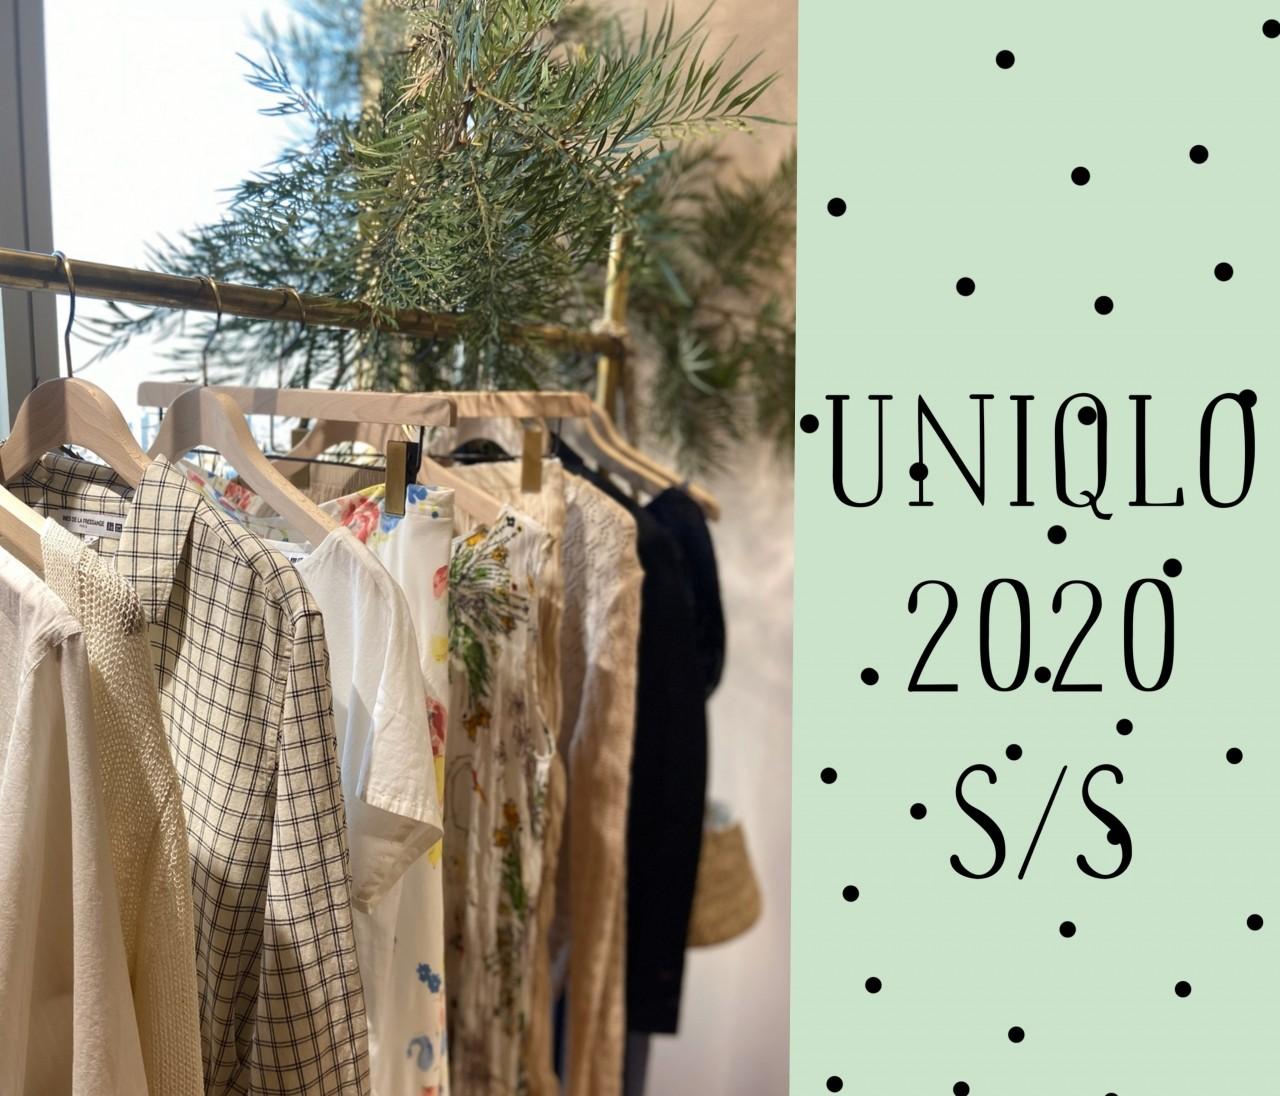 【春も期待大!】UNIQLO(ユニクロ)2020S/S展示会